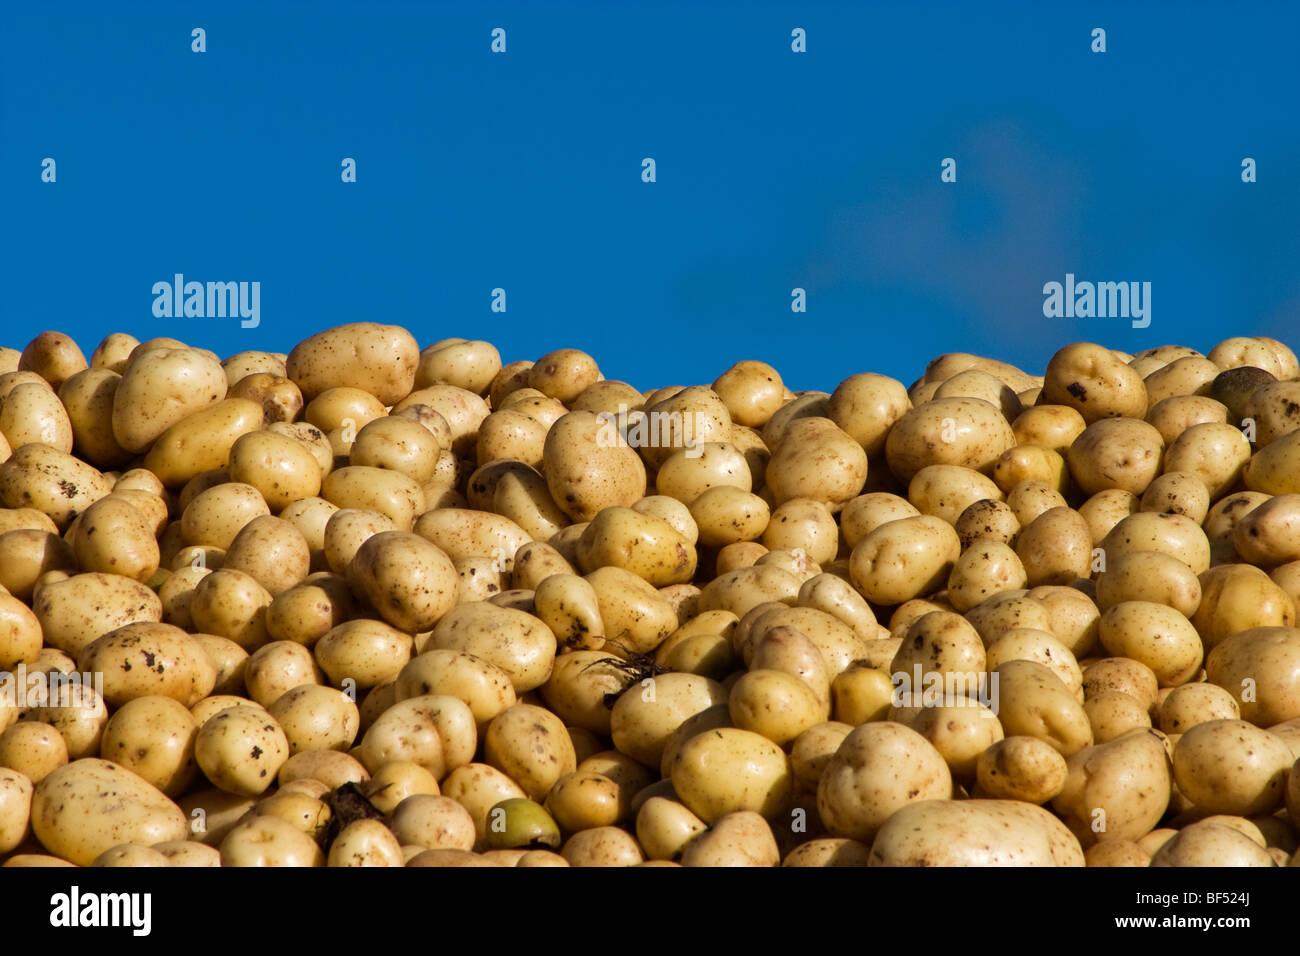 Landwirtschaft - erntefrisch mehlige Kartoffeln / Klamath Basin, Oregon, USA. Stockbild